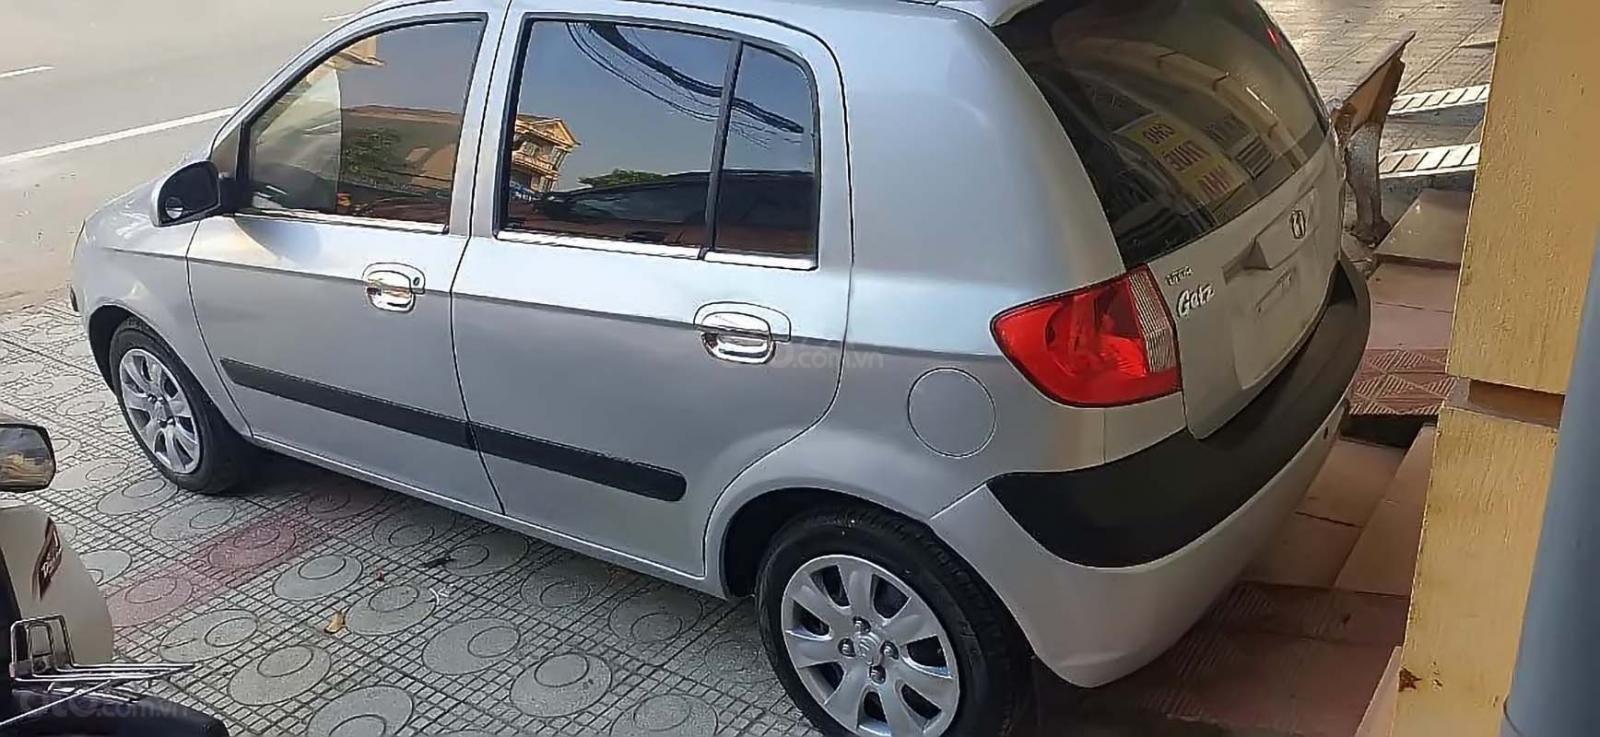 Bán Hyundai Getz 1.1 MT năm sản xuất 2009, màu bạc, nhập khẩu  (5)